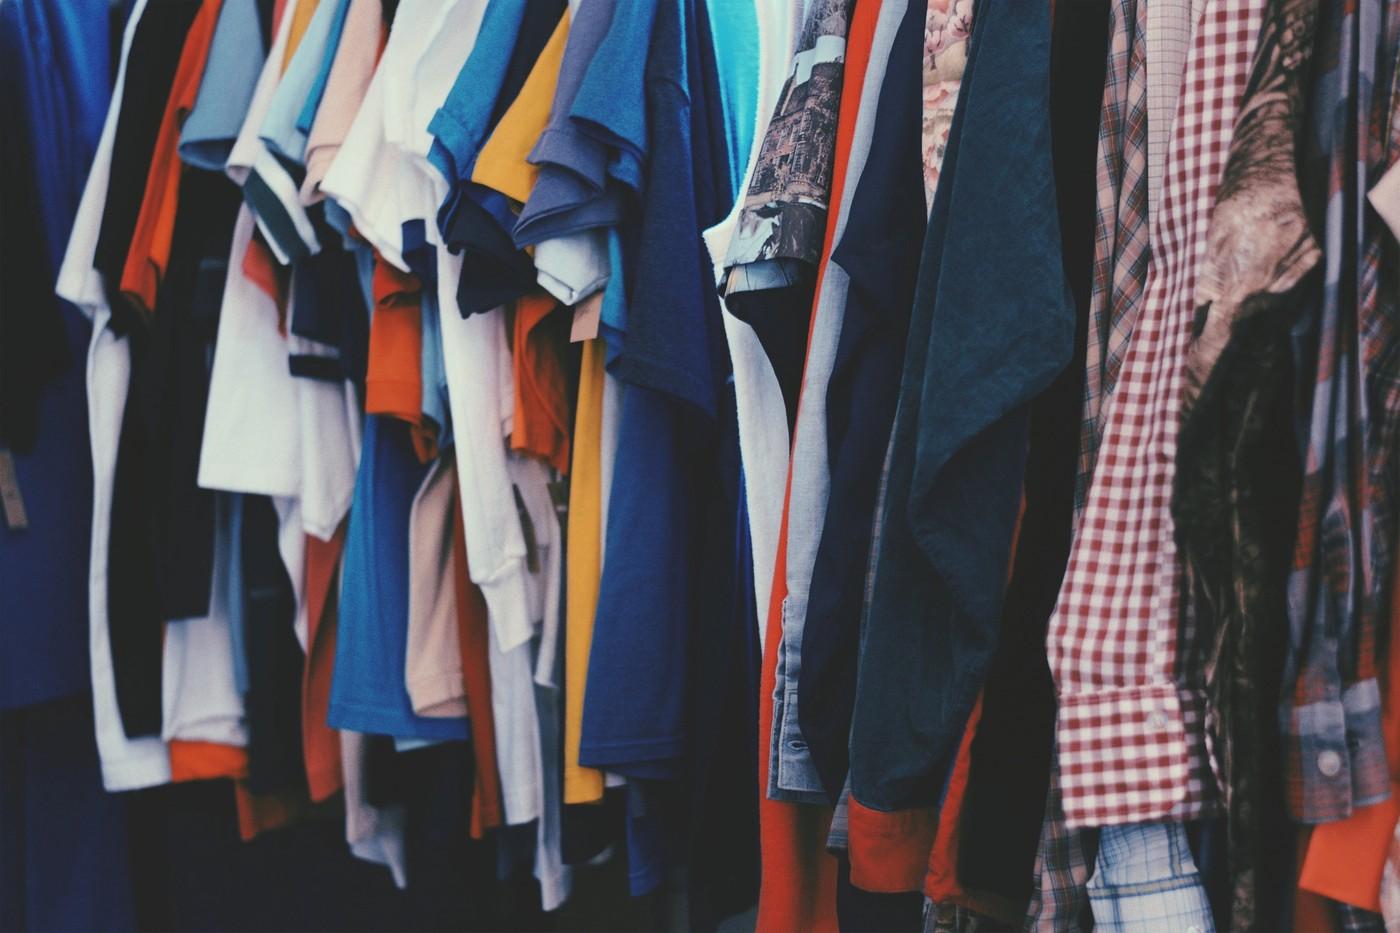 Beaucoup de vêtements dans une armoire